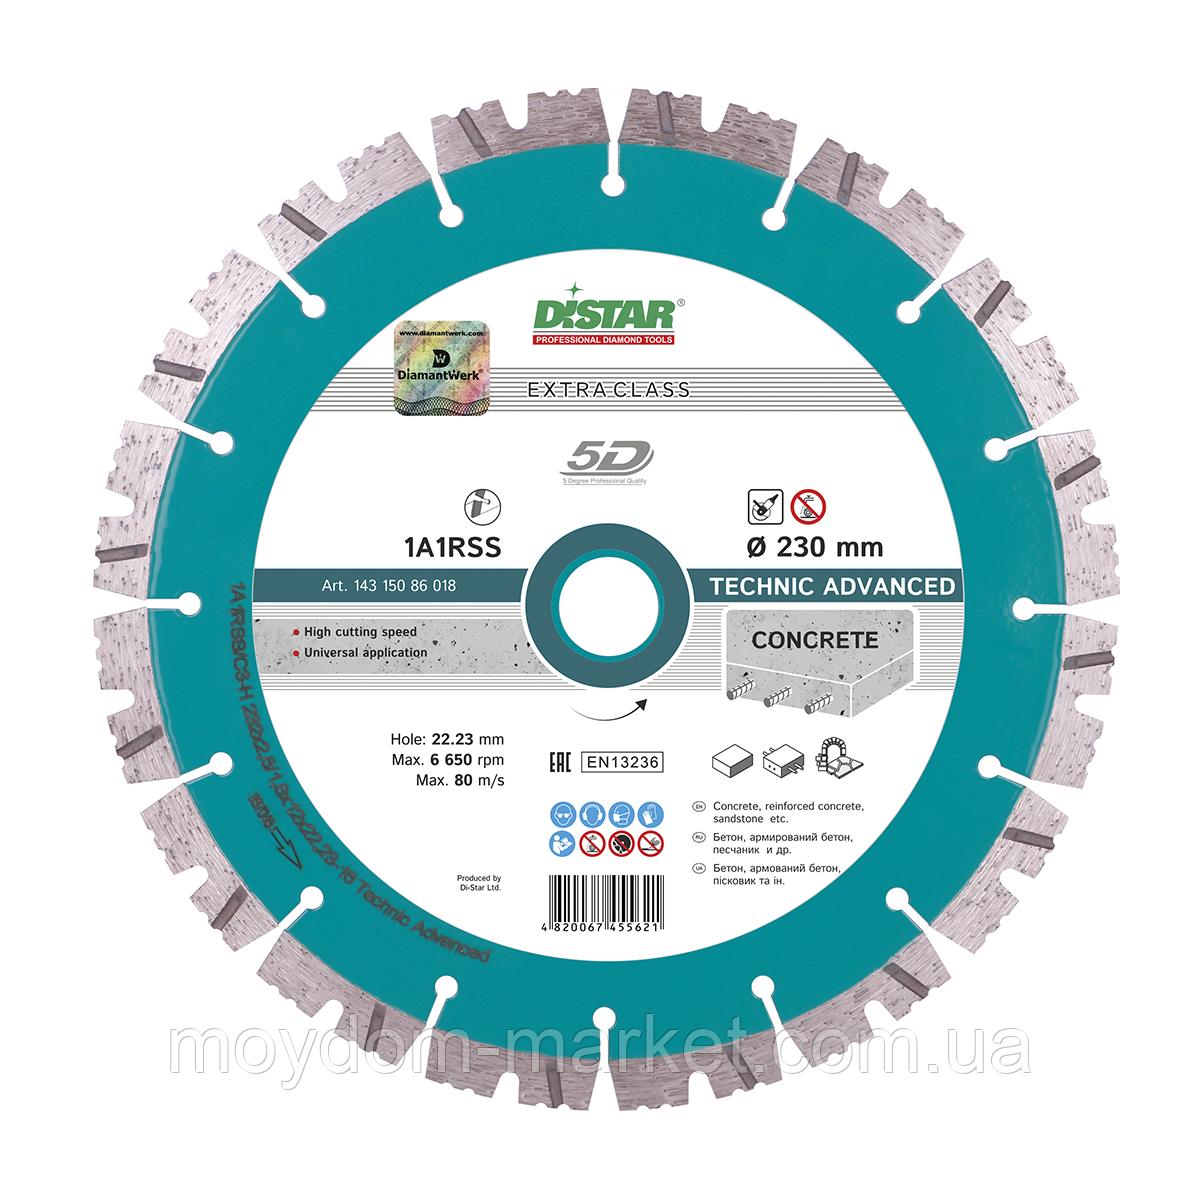 Алмазний відрізний диск DISTAR 125мм SEGMENT 1A1RSS/С3 Technic Advanced 5D бетон, армобетон, цегла, бруківка/ 14315347010